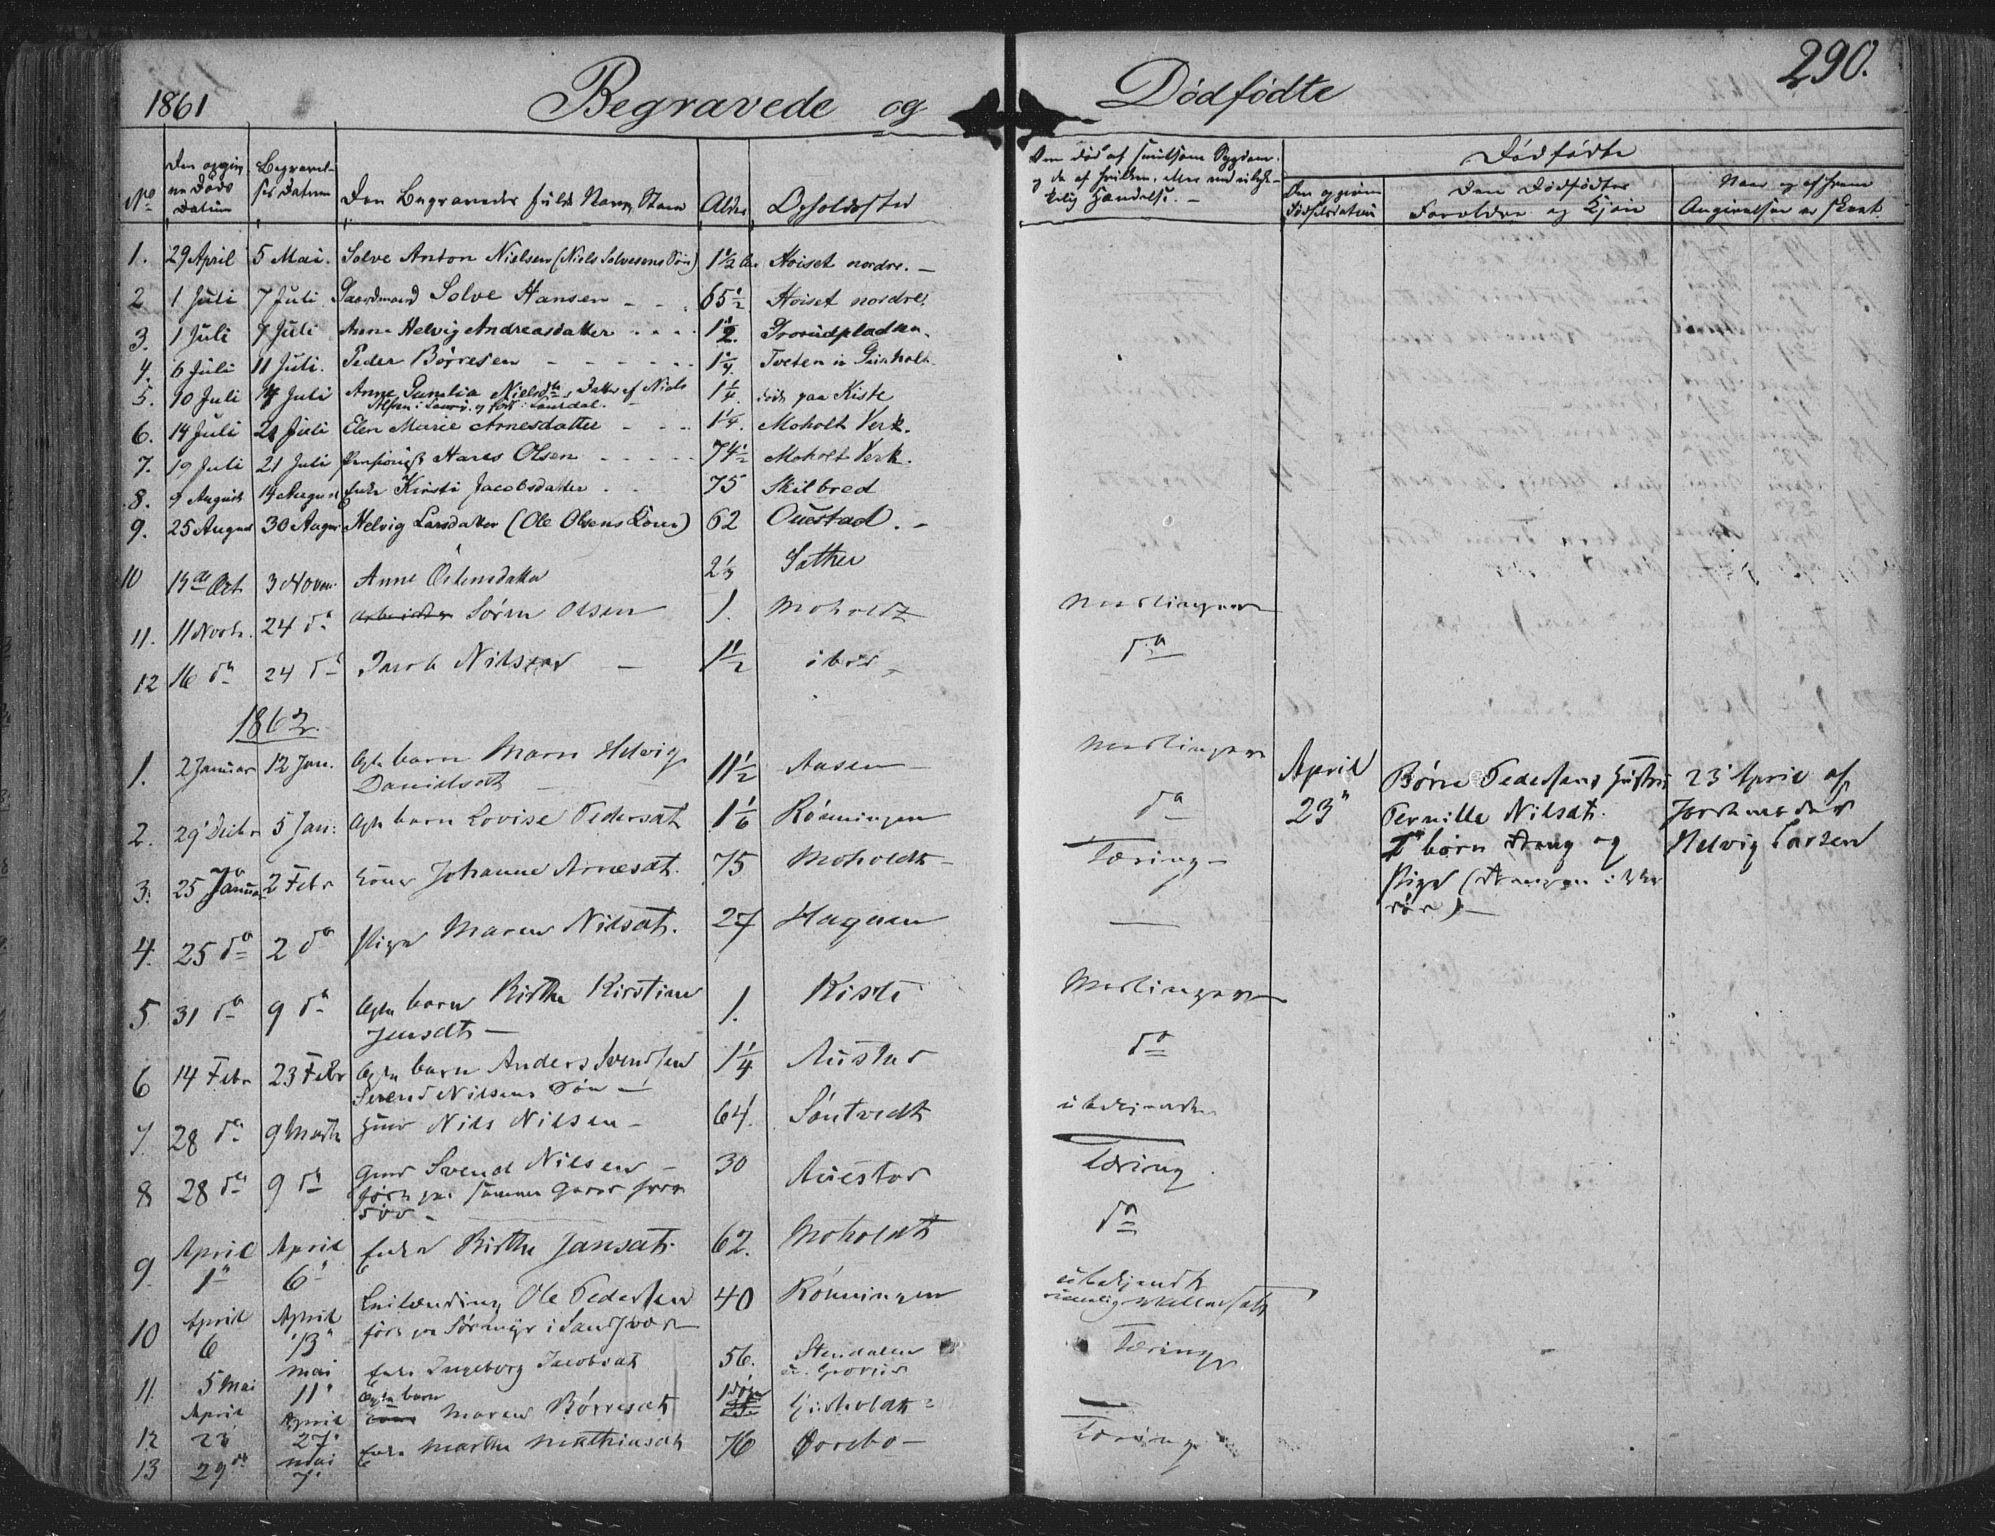 SAKO, Siljan kirkebøker, F/Fa/L0001: Ministerialbok nr. 1, 1831-1870, s. 290